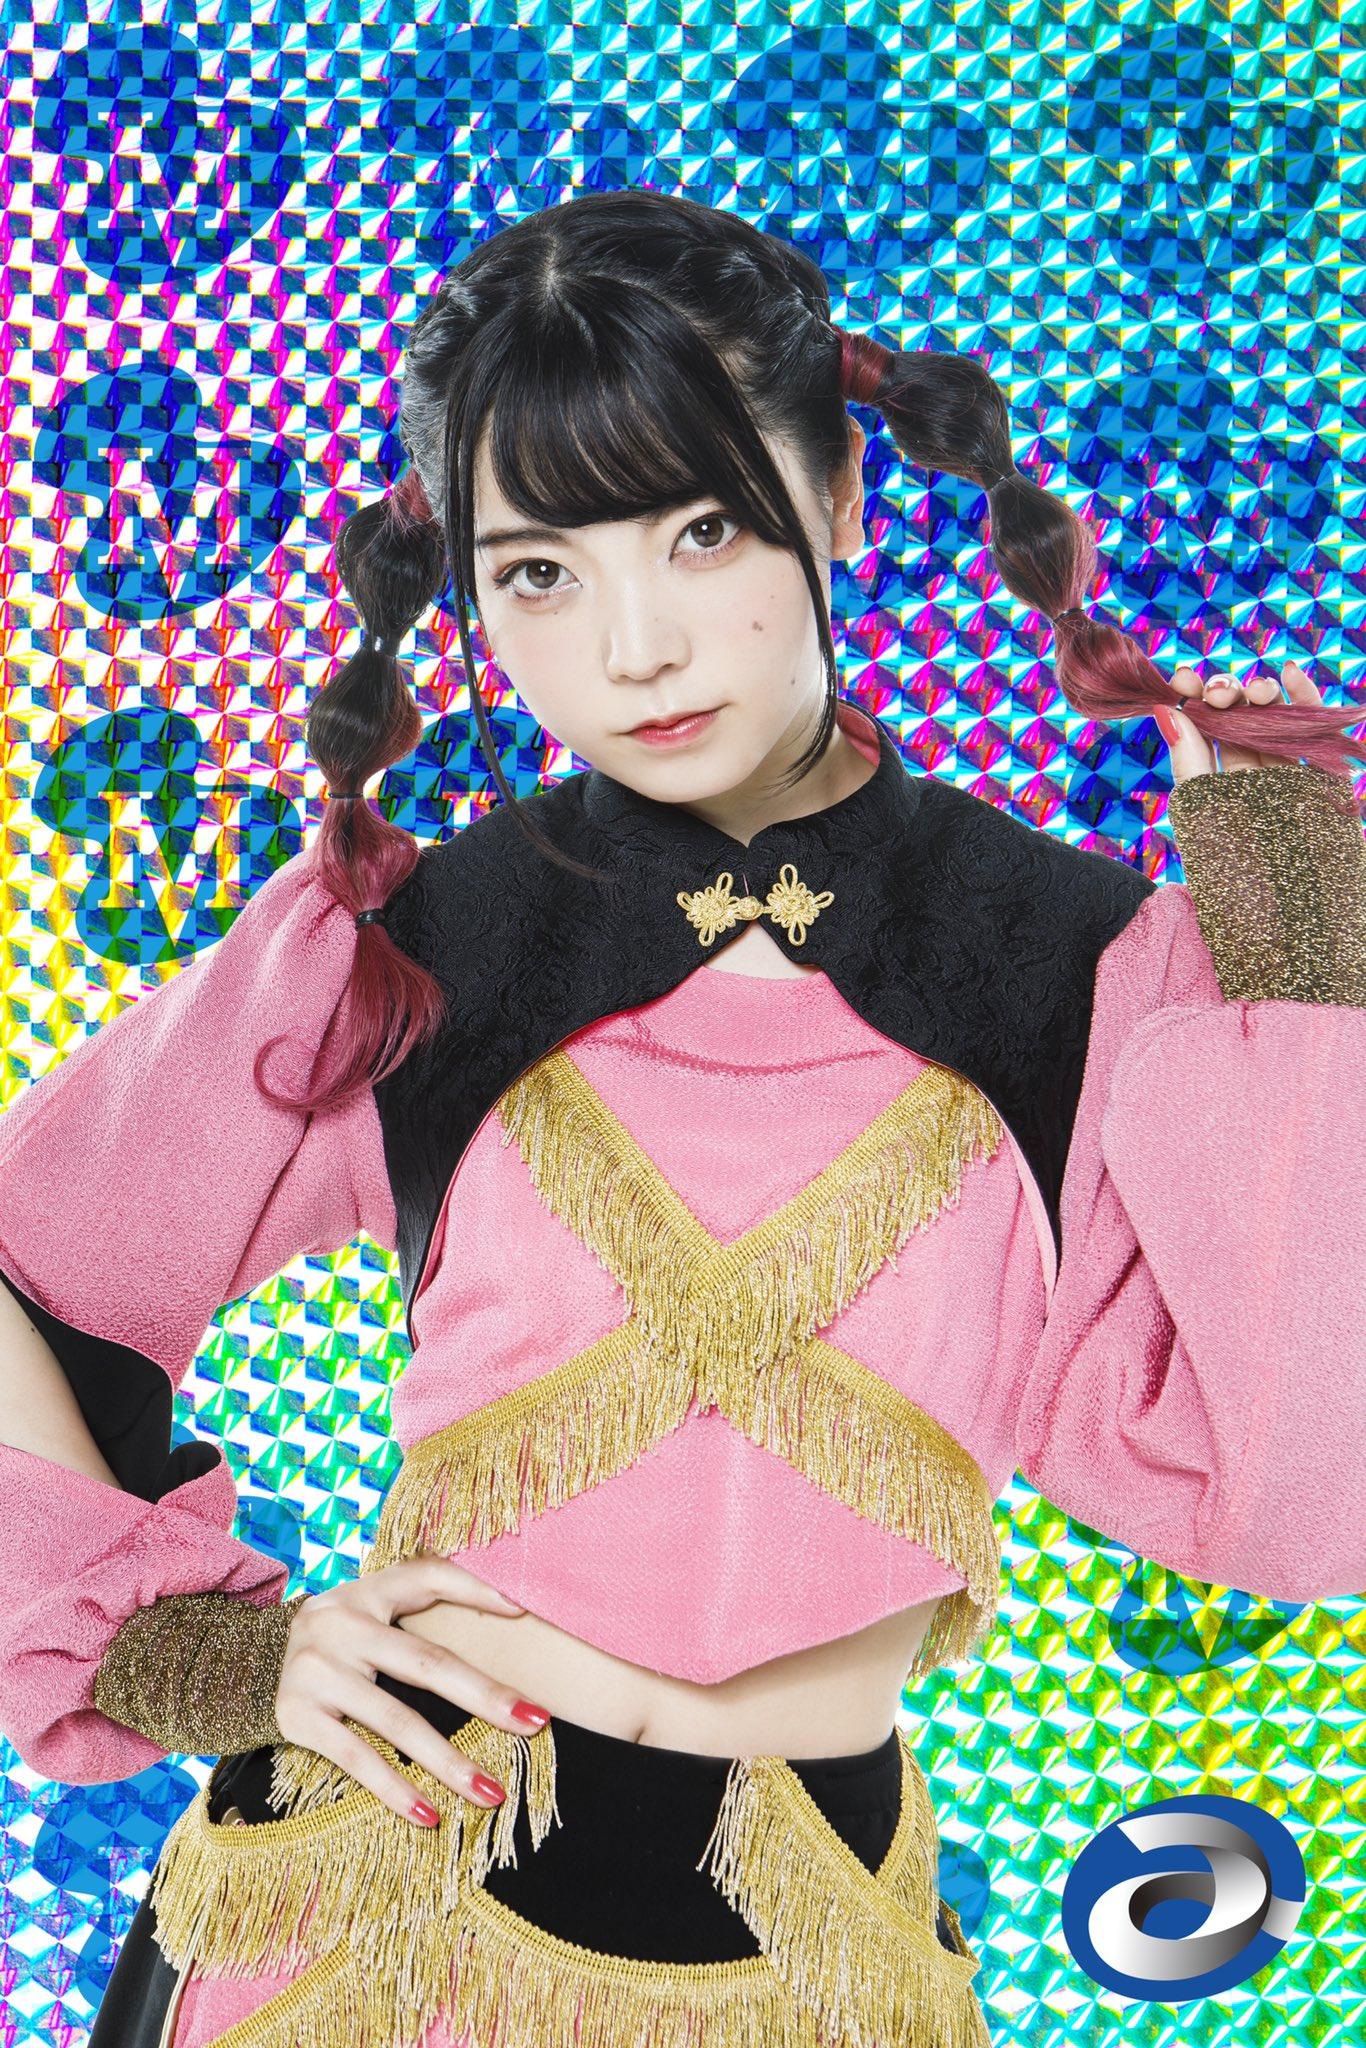 Miyukiangel